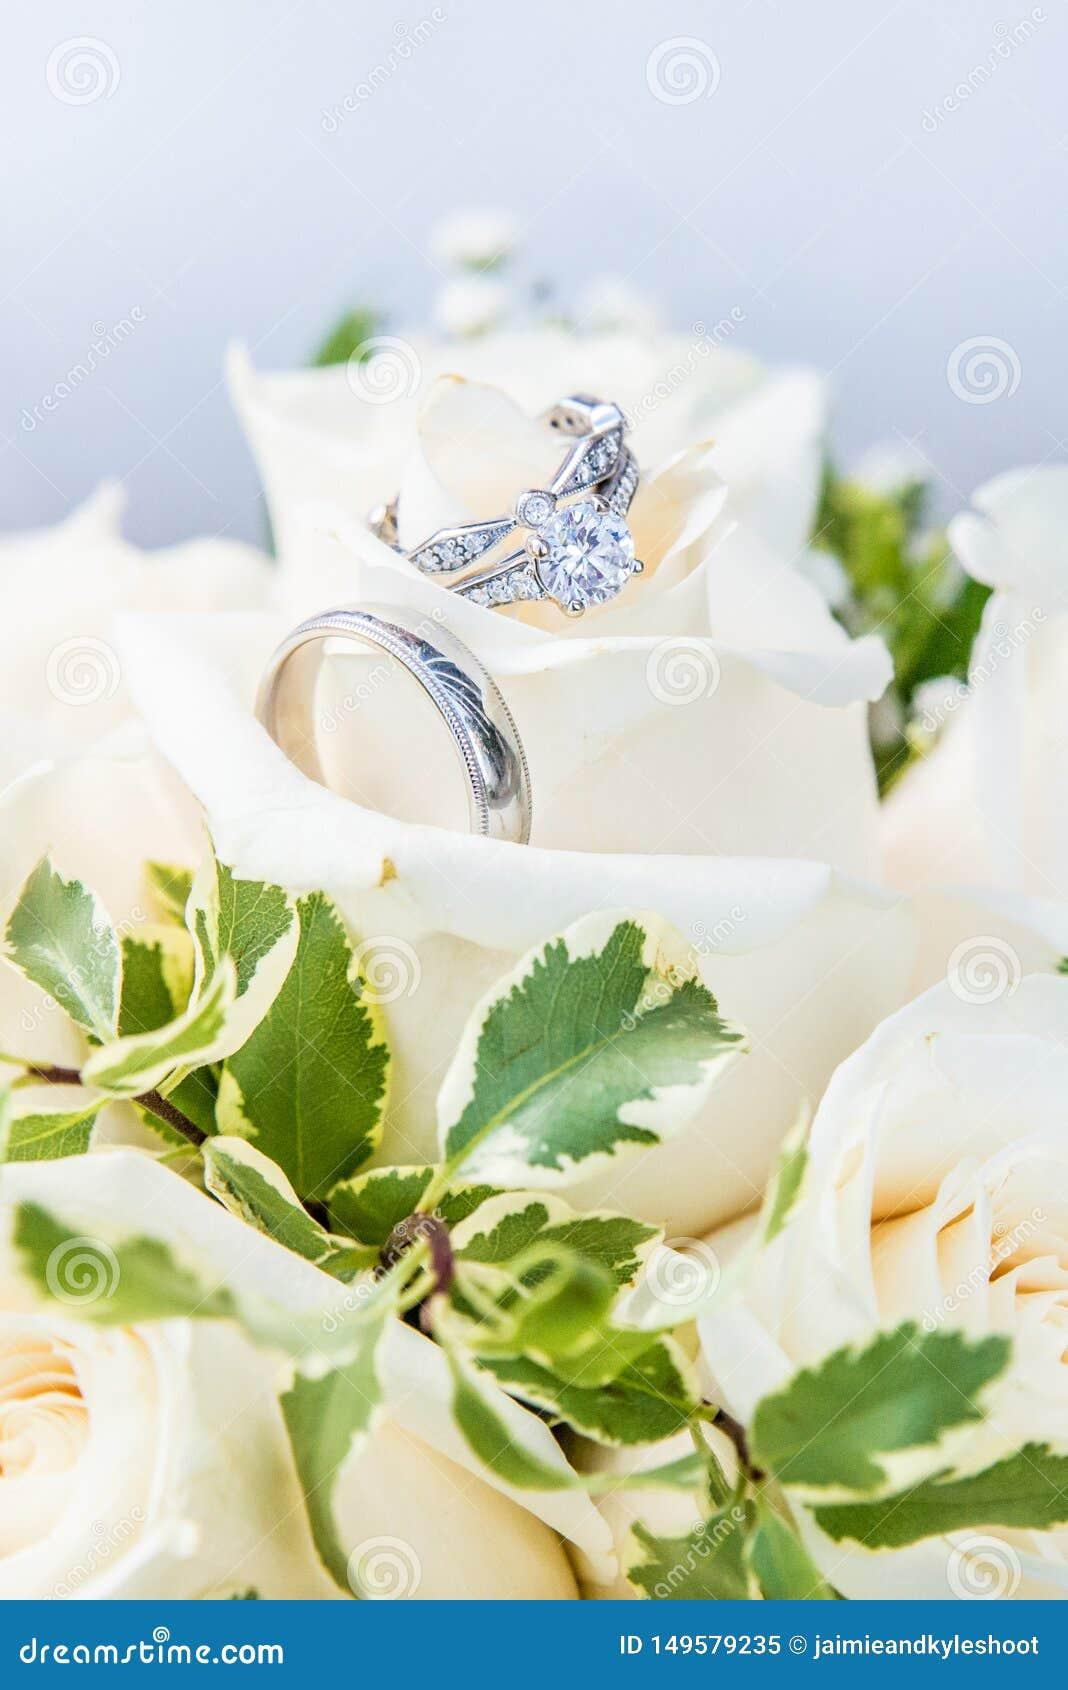 Δαχτυλίδι αρραβώνων που ζευγαρώνεται με τις γαμήλιες ζώνες, που στηρίζονται σε μια ανθοδέσμη των άσπρων τριαντάφυλλων